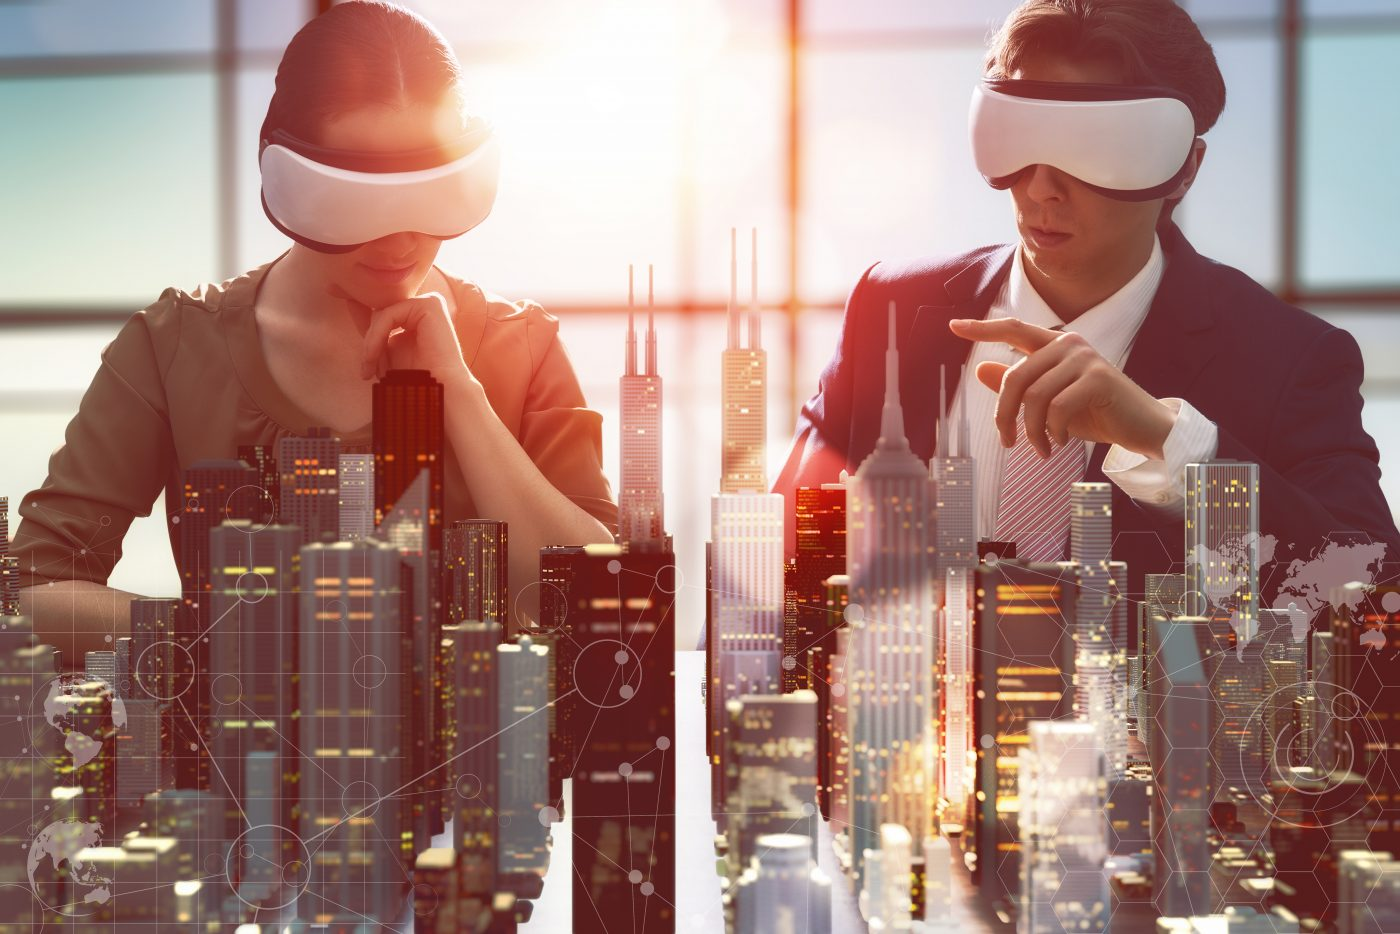 【VRMRAR】注目されるxRのビジネス活用 ブレークスルーの条件は何か HTC NIPPON児島全克社長